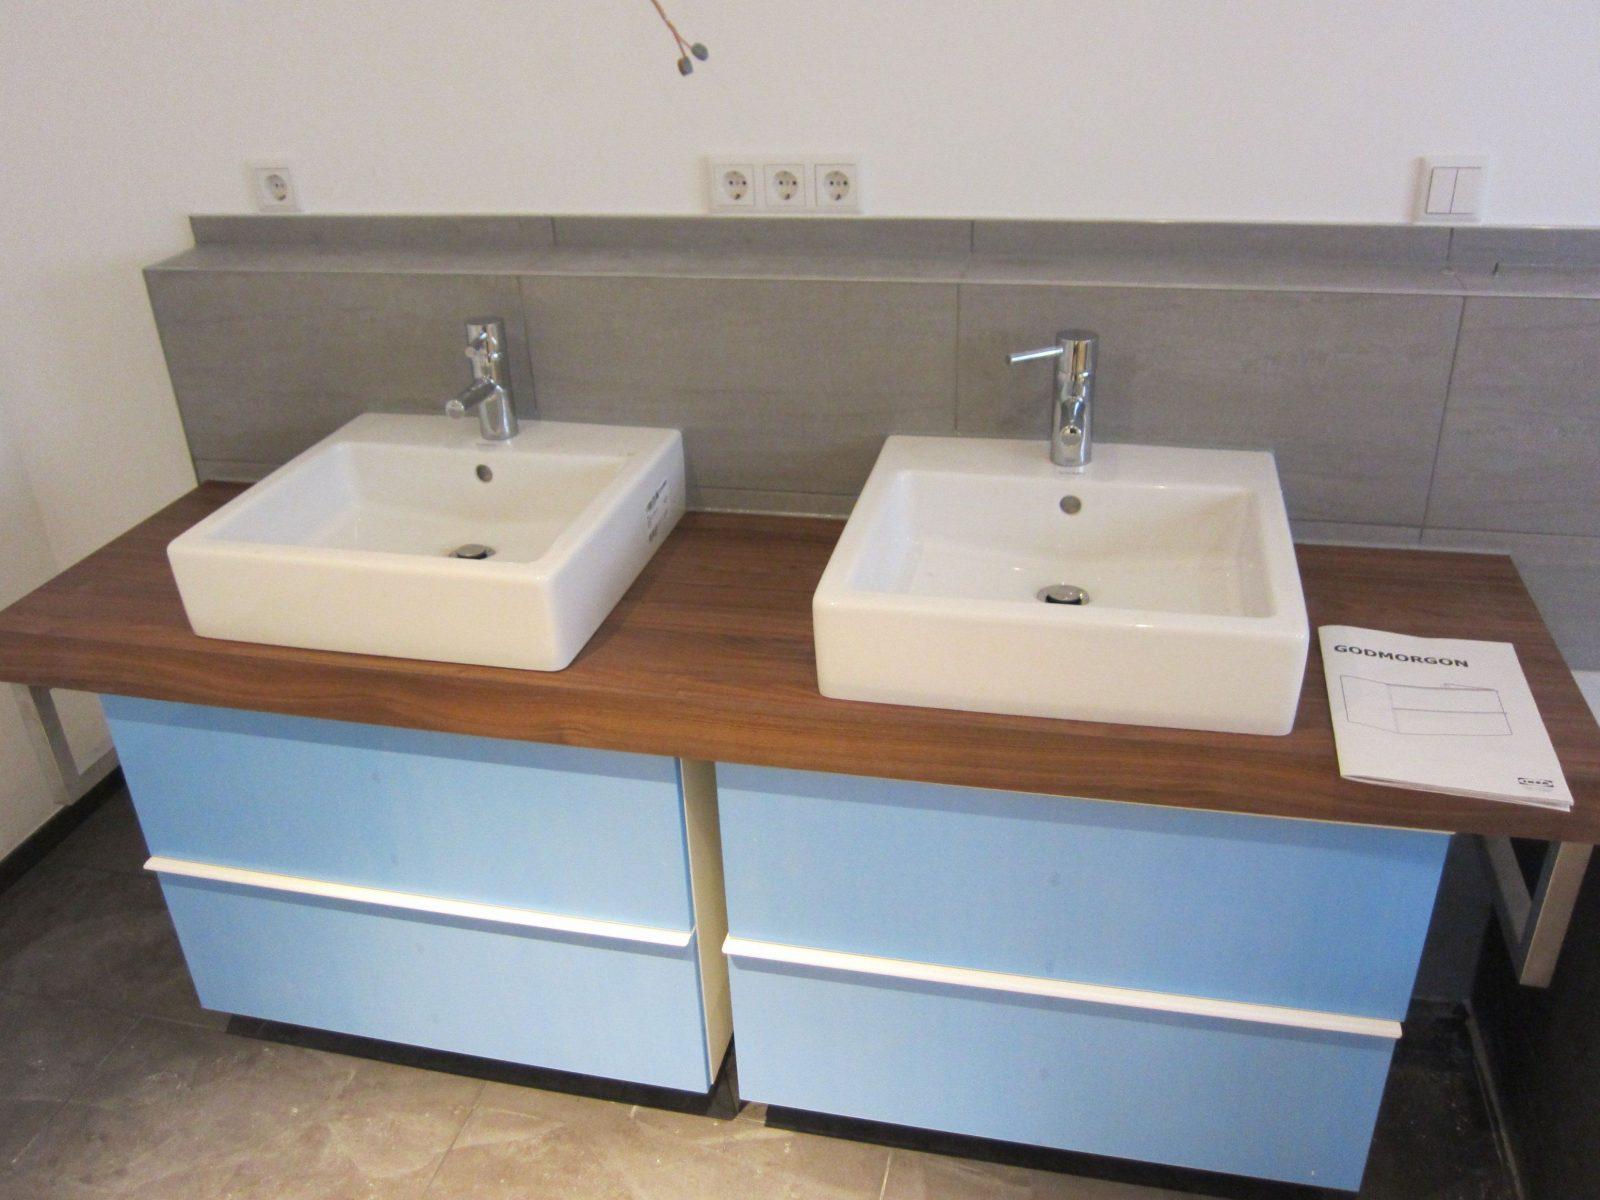 Godmorgon Anderes Waschbecken Raumsparsiphon  Badezimmer von Godmorgon Waschbeckenschrank Mit Anderen Waschbecken Photo